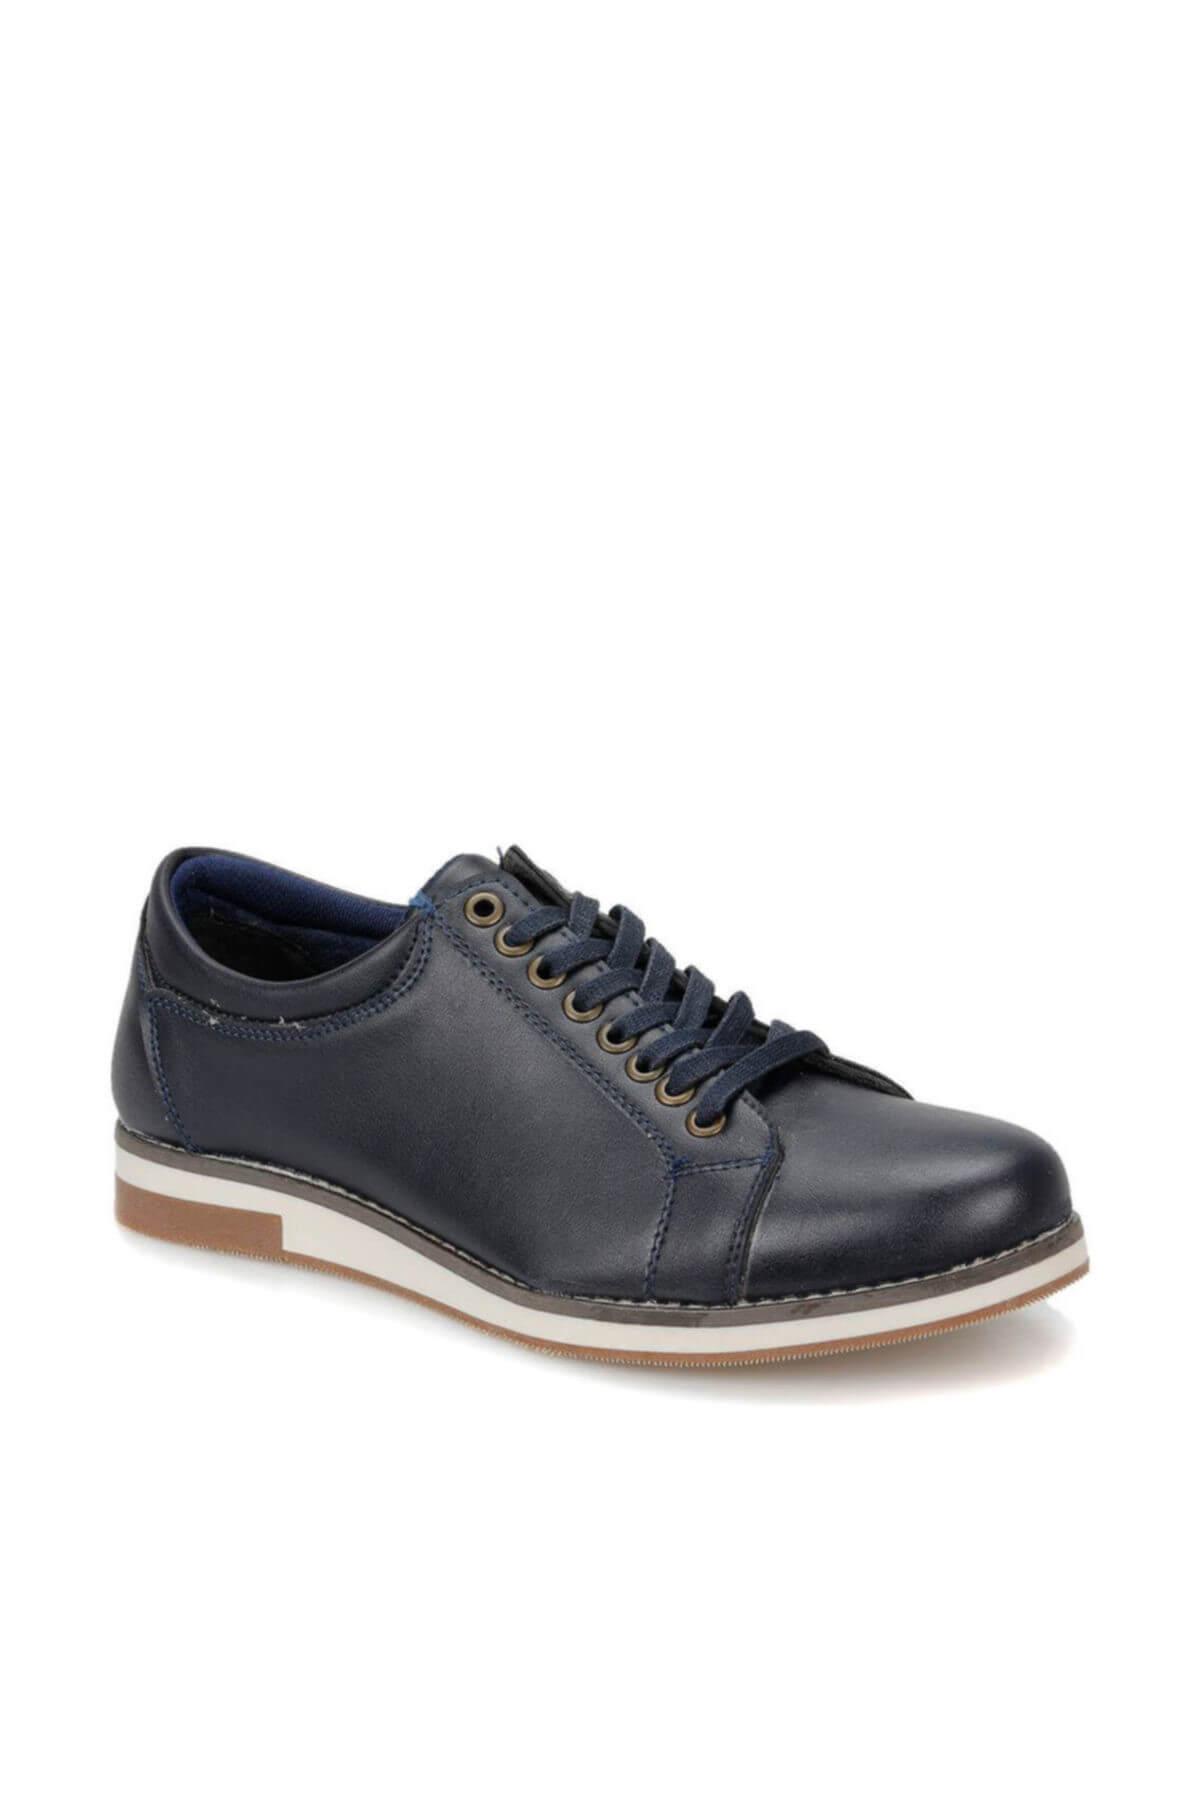 OXIDE 407. Lacivert Erkek Ayakkabı 100319894 1